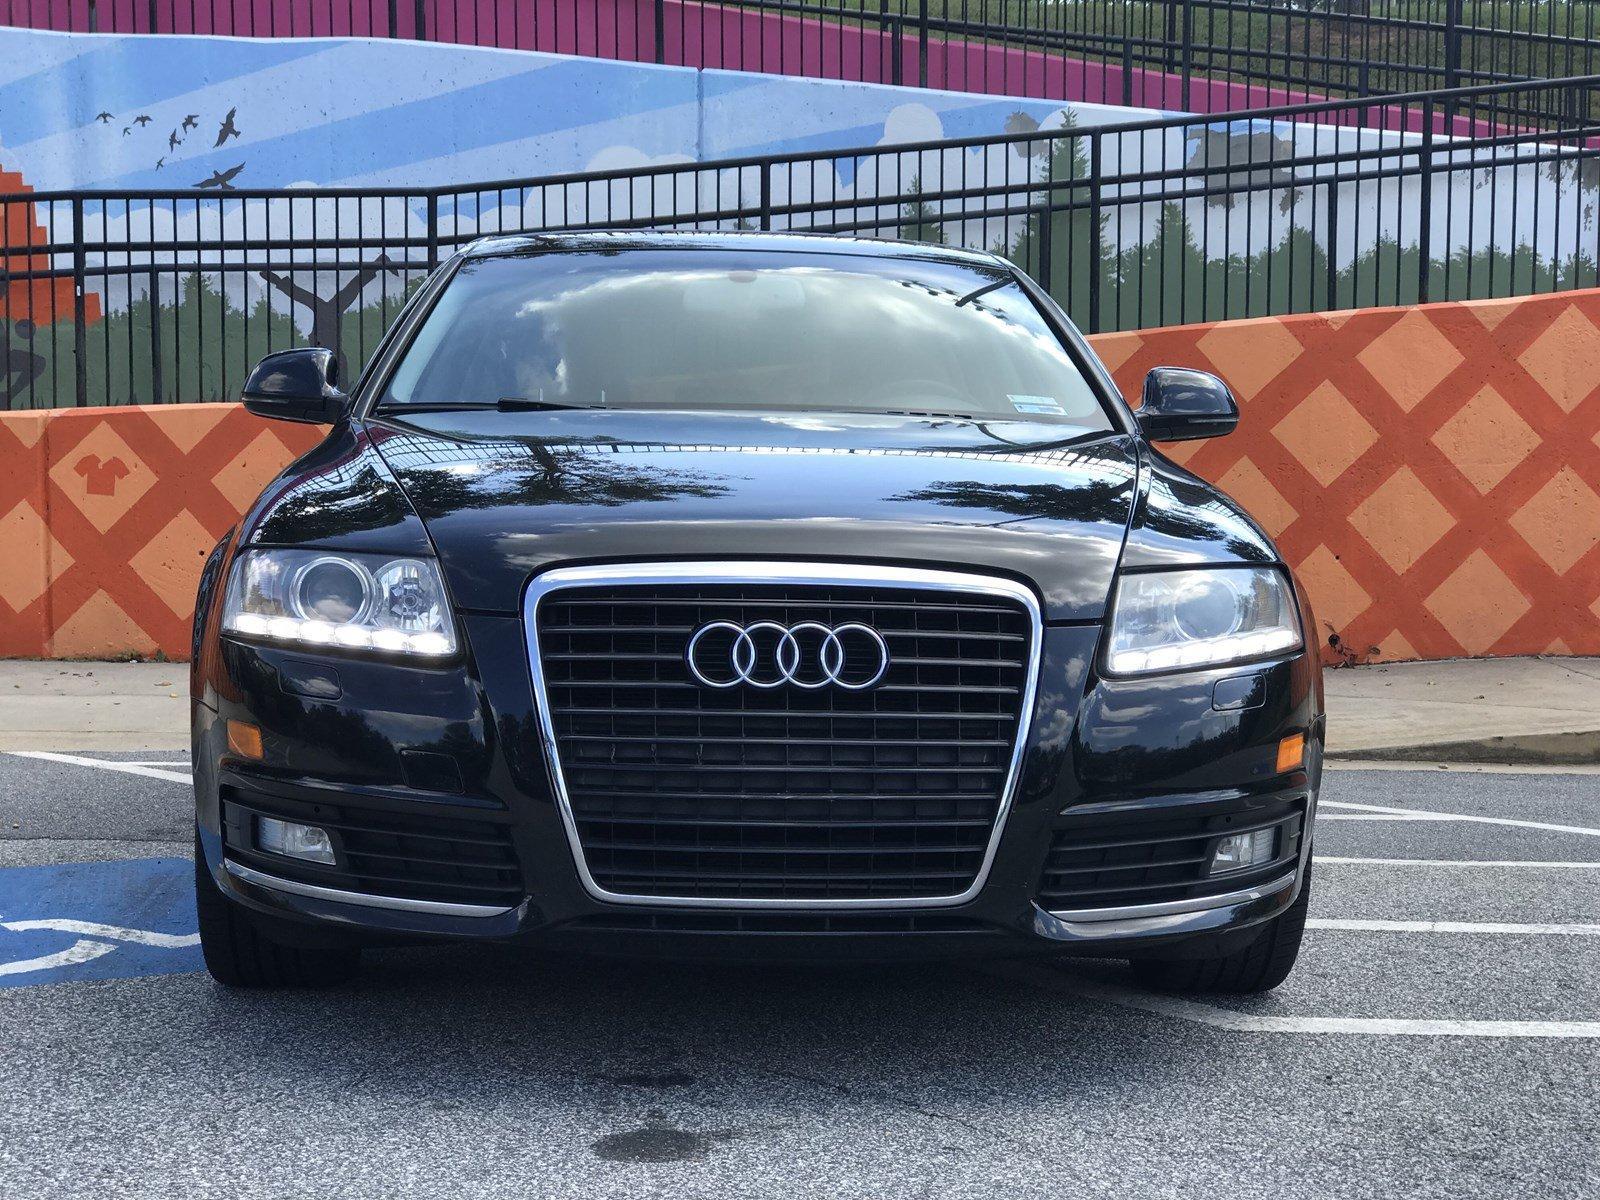 Kelebihan Kekurangan Audi A6 3.2 Harga